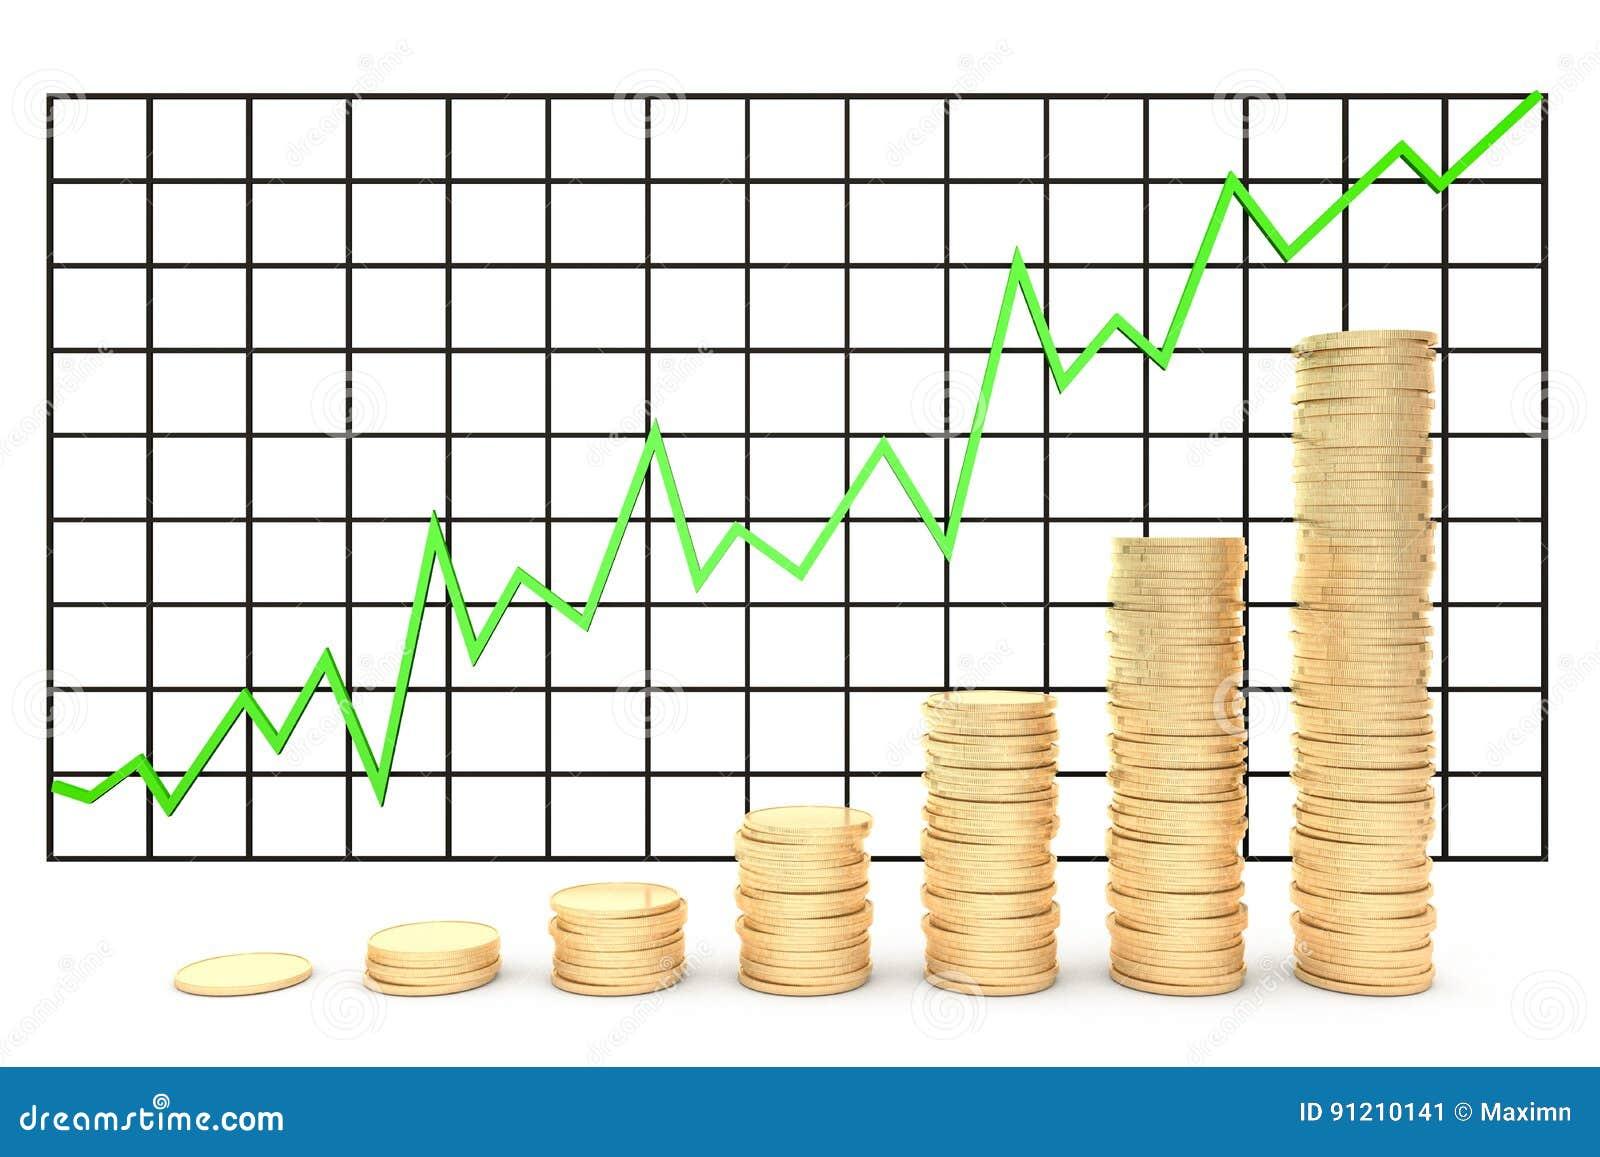 3d illustratie: Effectenbeurs van de de grafiekgrafiek van metaal de koper-gouden muntstukken met groene lijn - pijl op een witte